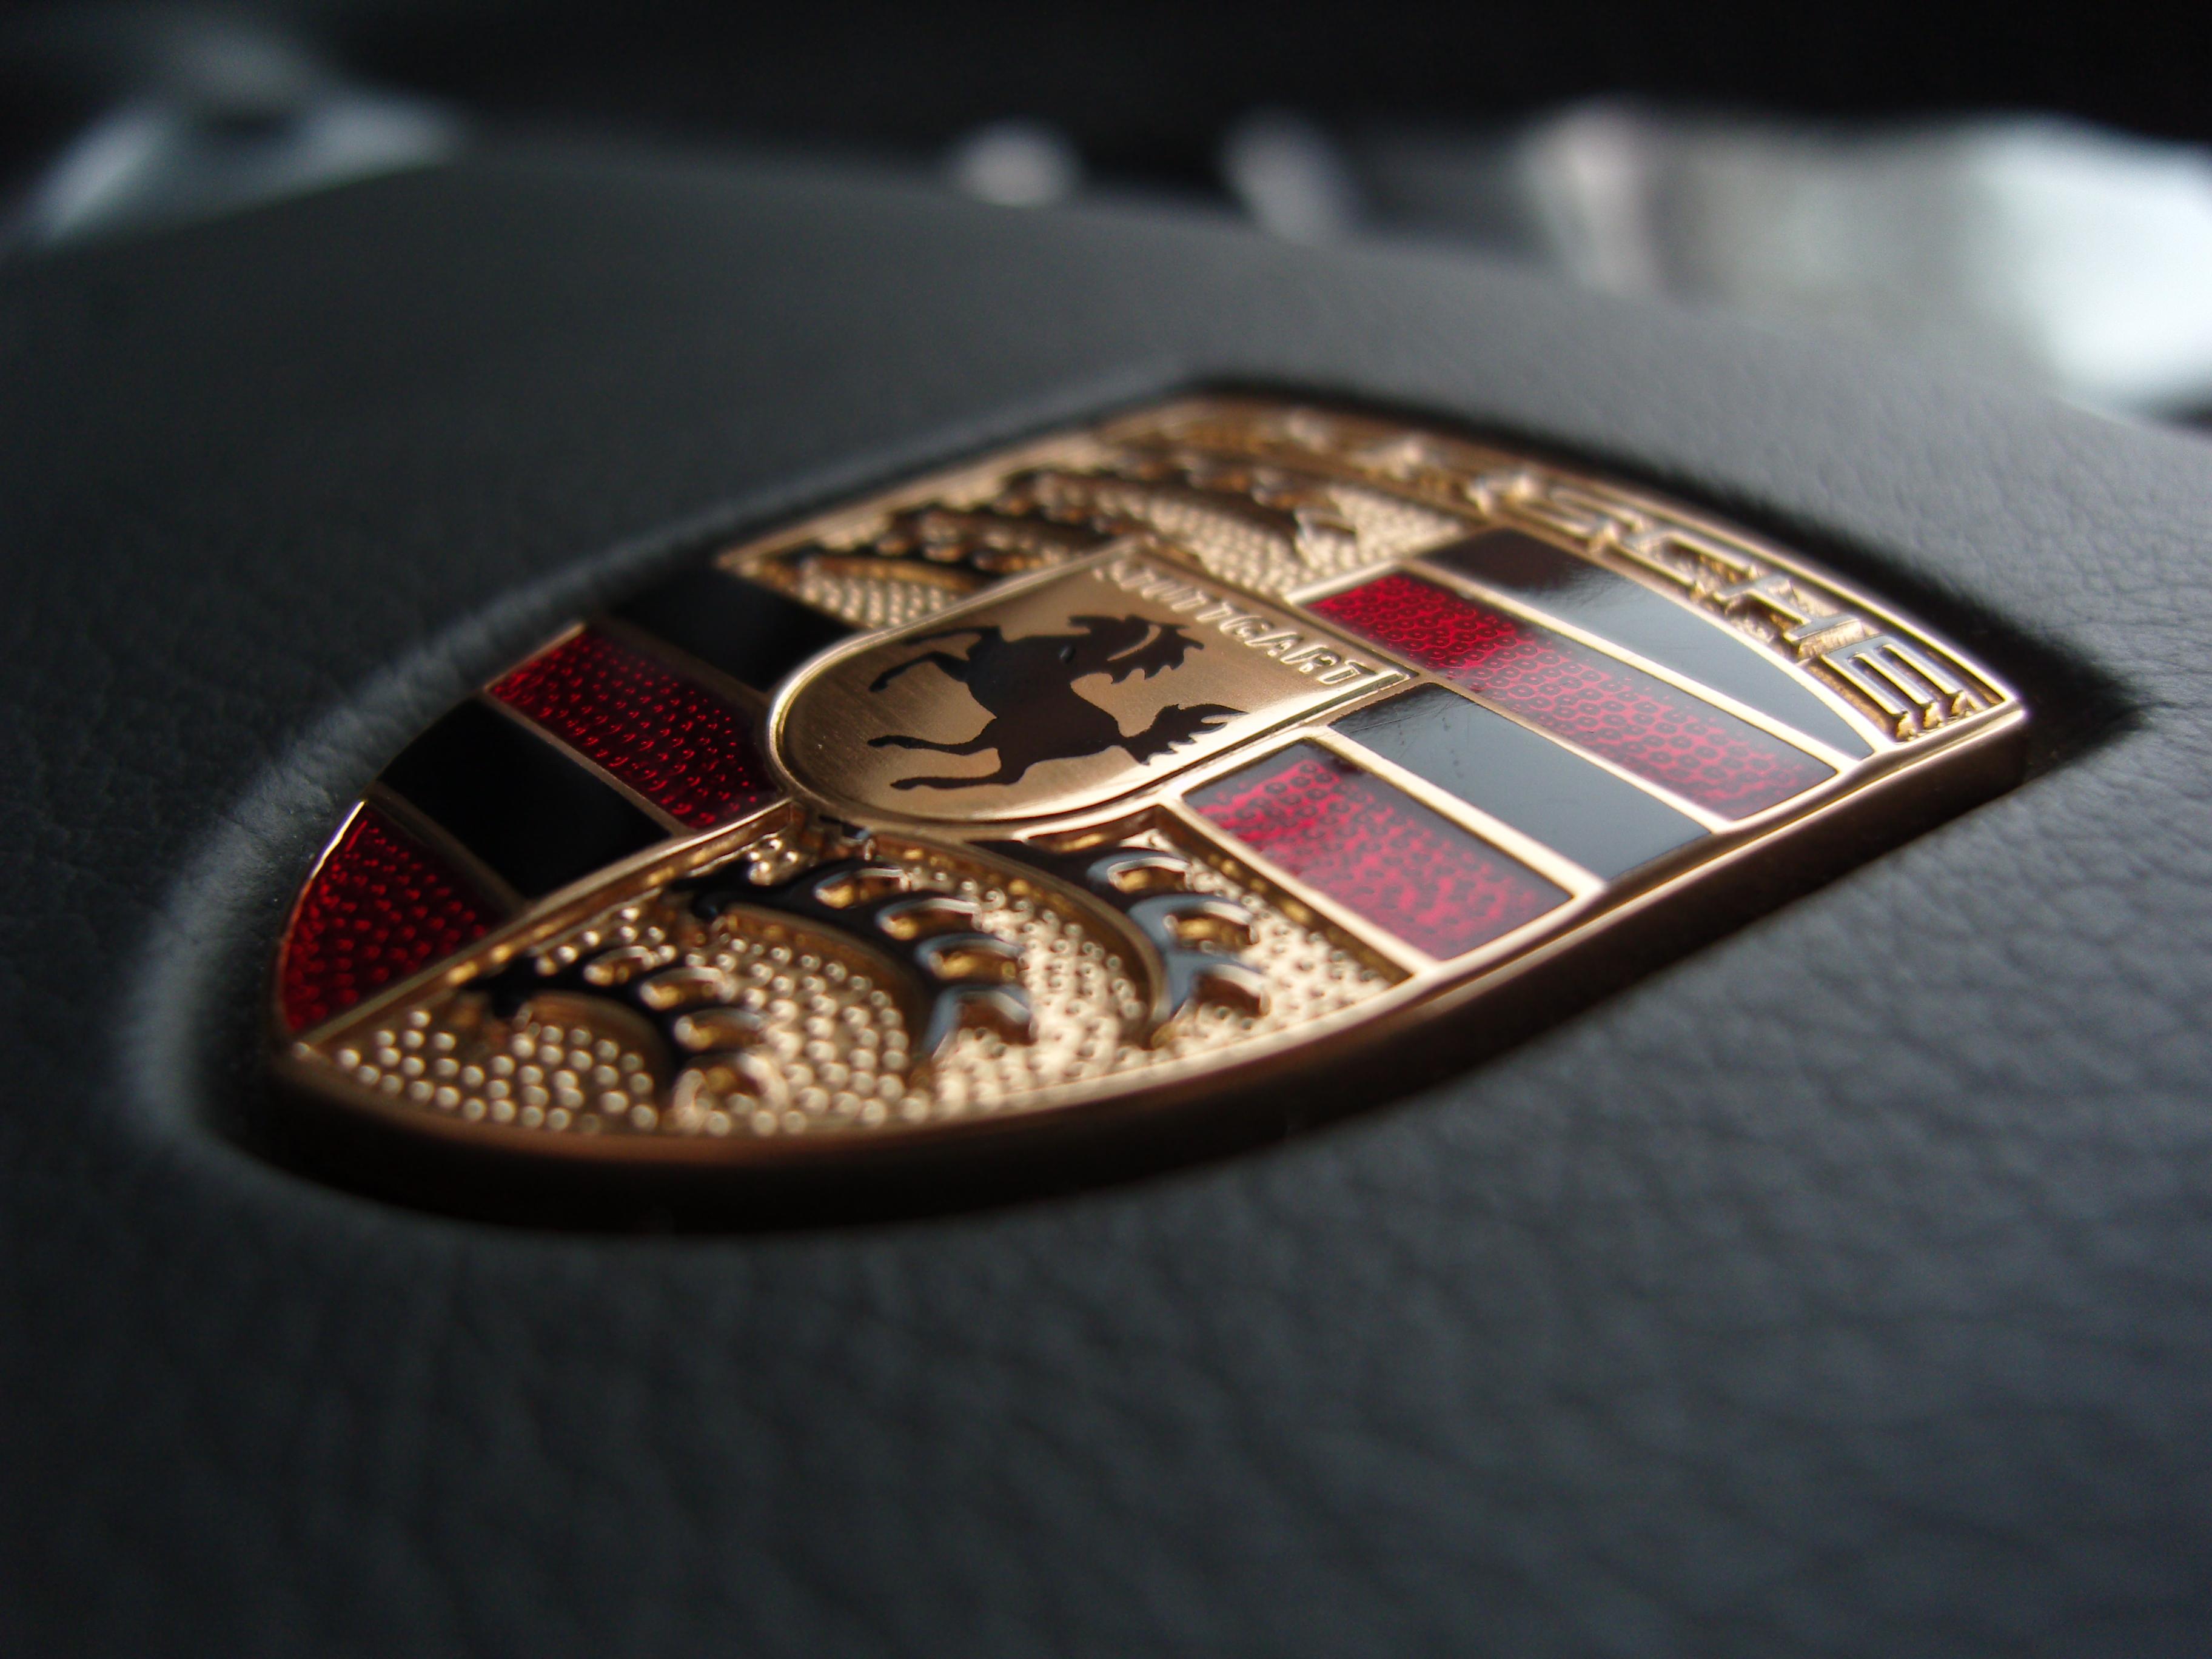 File Porsche Emblem On A Steering Wheel Jpg Wikimedia Commons